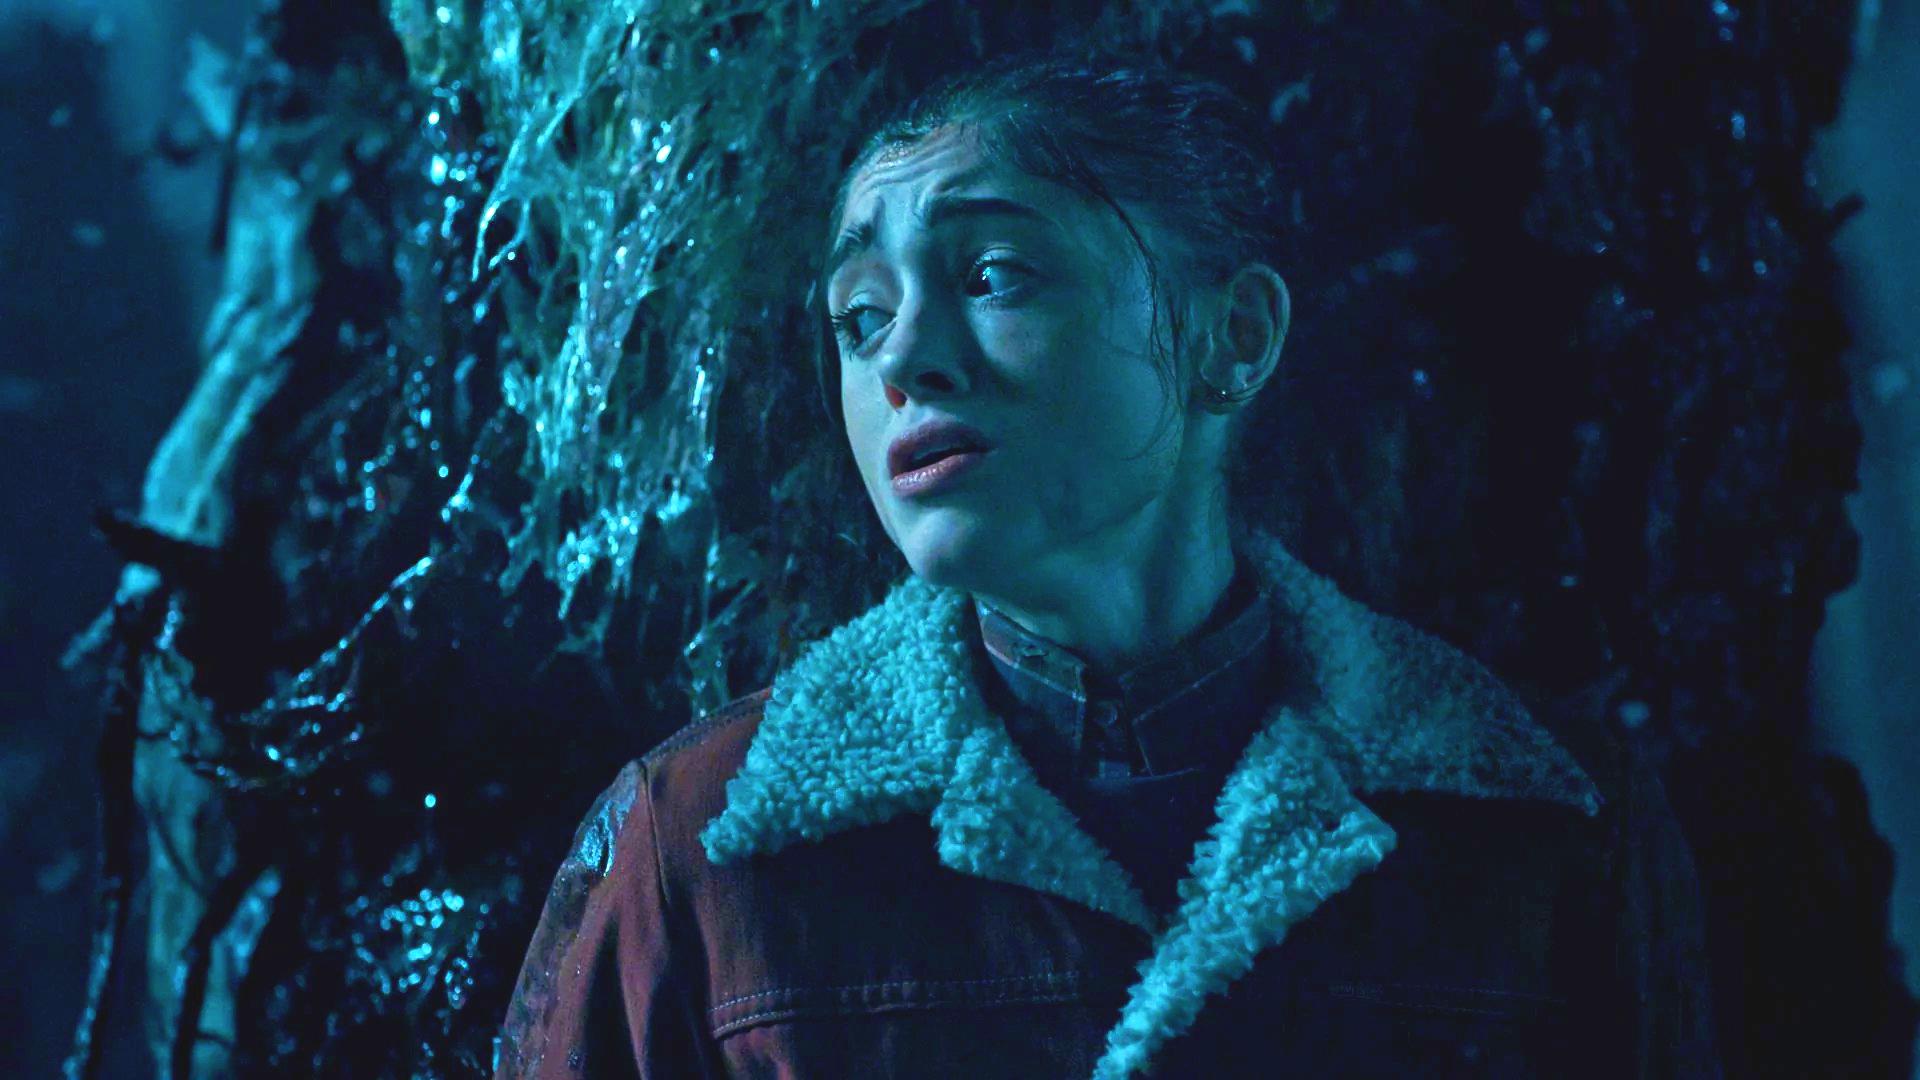 Młoda dziewczyna ukrywa się przy drzewie, który jest cały w śluzie.